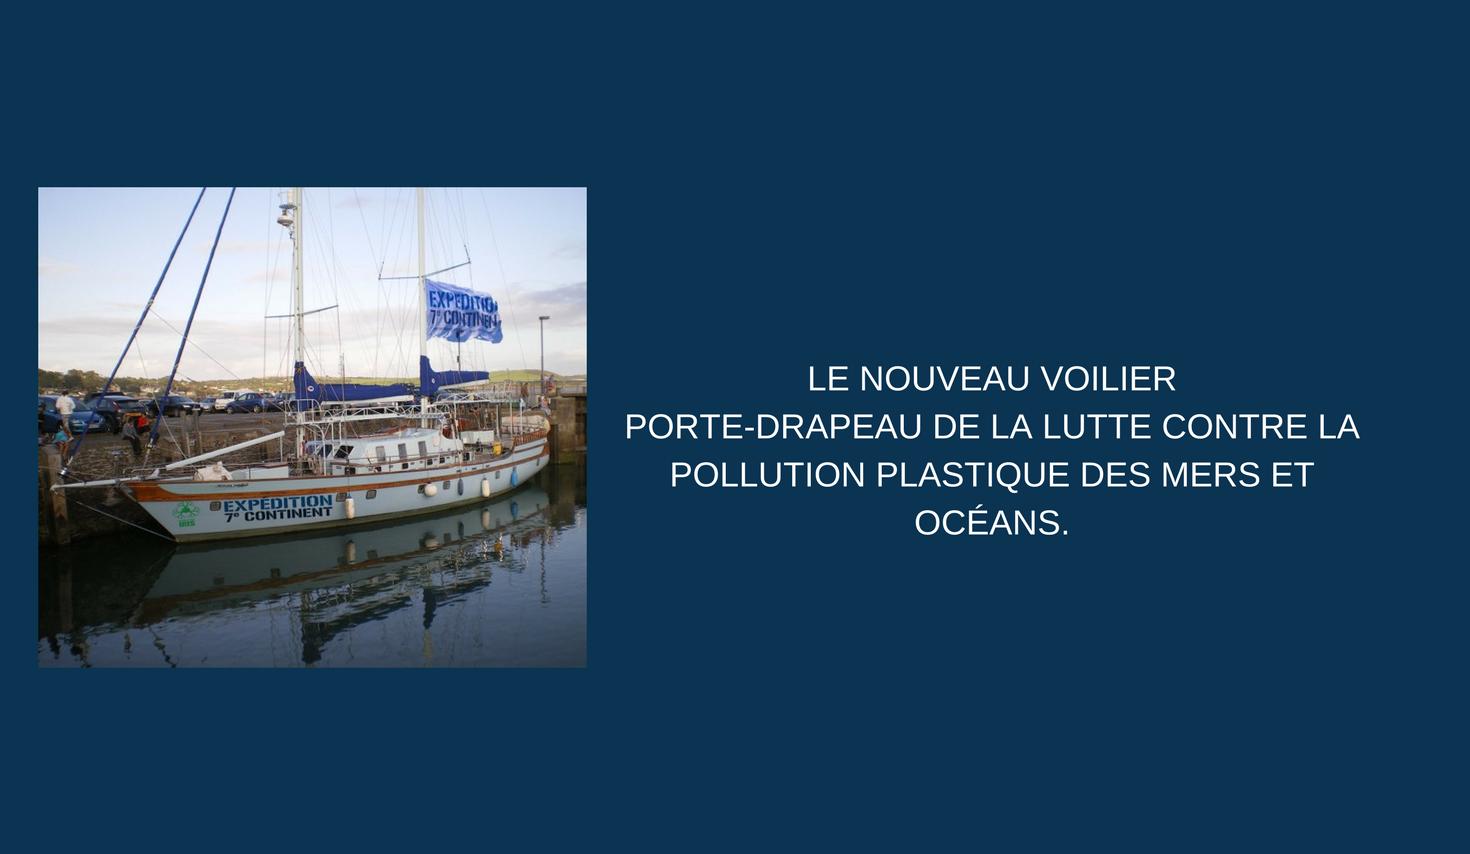 LE NOUVEAU VOILIER PORTE-DRAPEAU DE LA LUTTE CONTRE LA POLLUTION PLASTIQUE DES MERS ET OCÉANS.-2